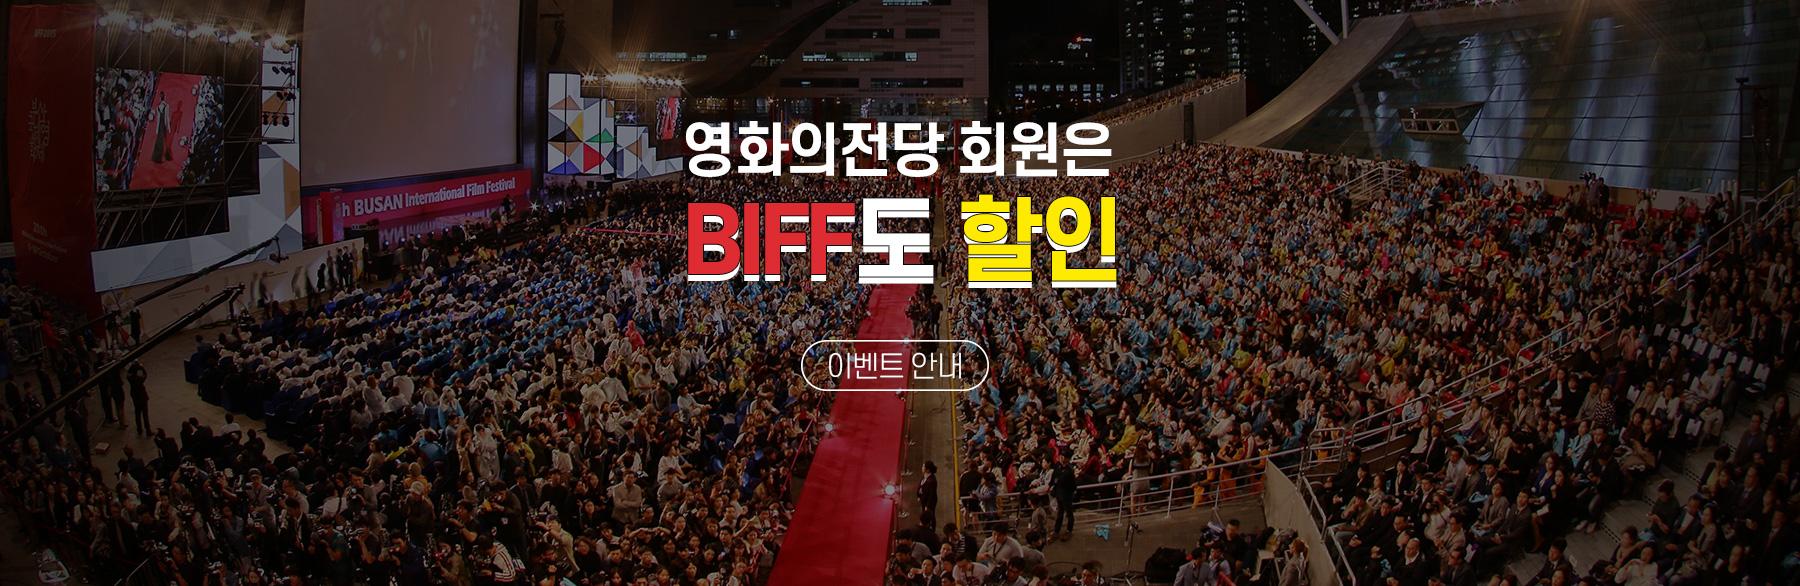 영화의전당 회원 BIFF 할인적용 페이지 이동